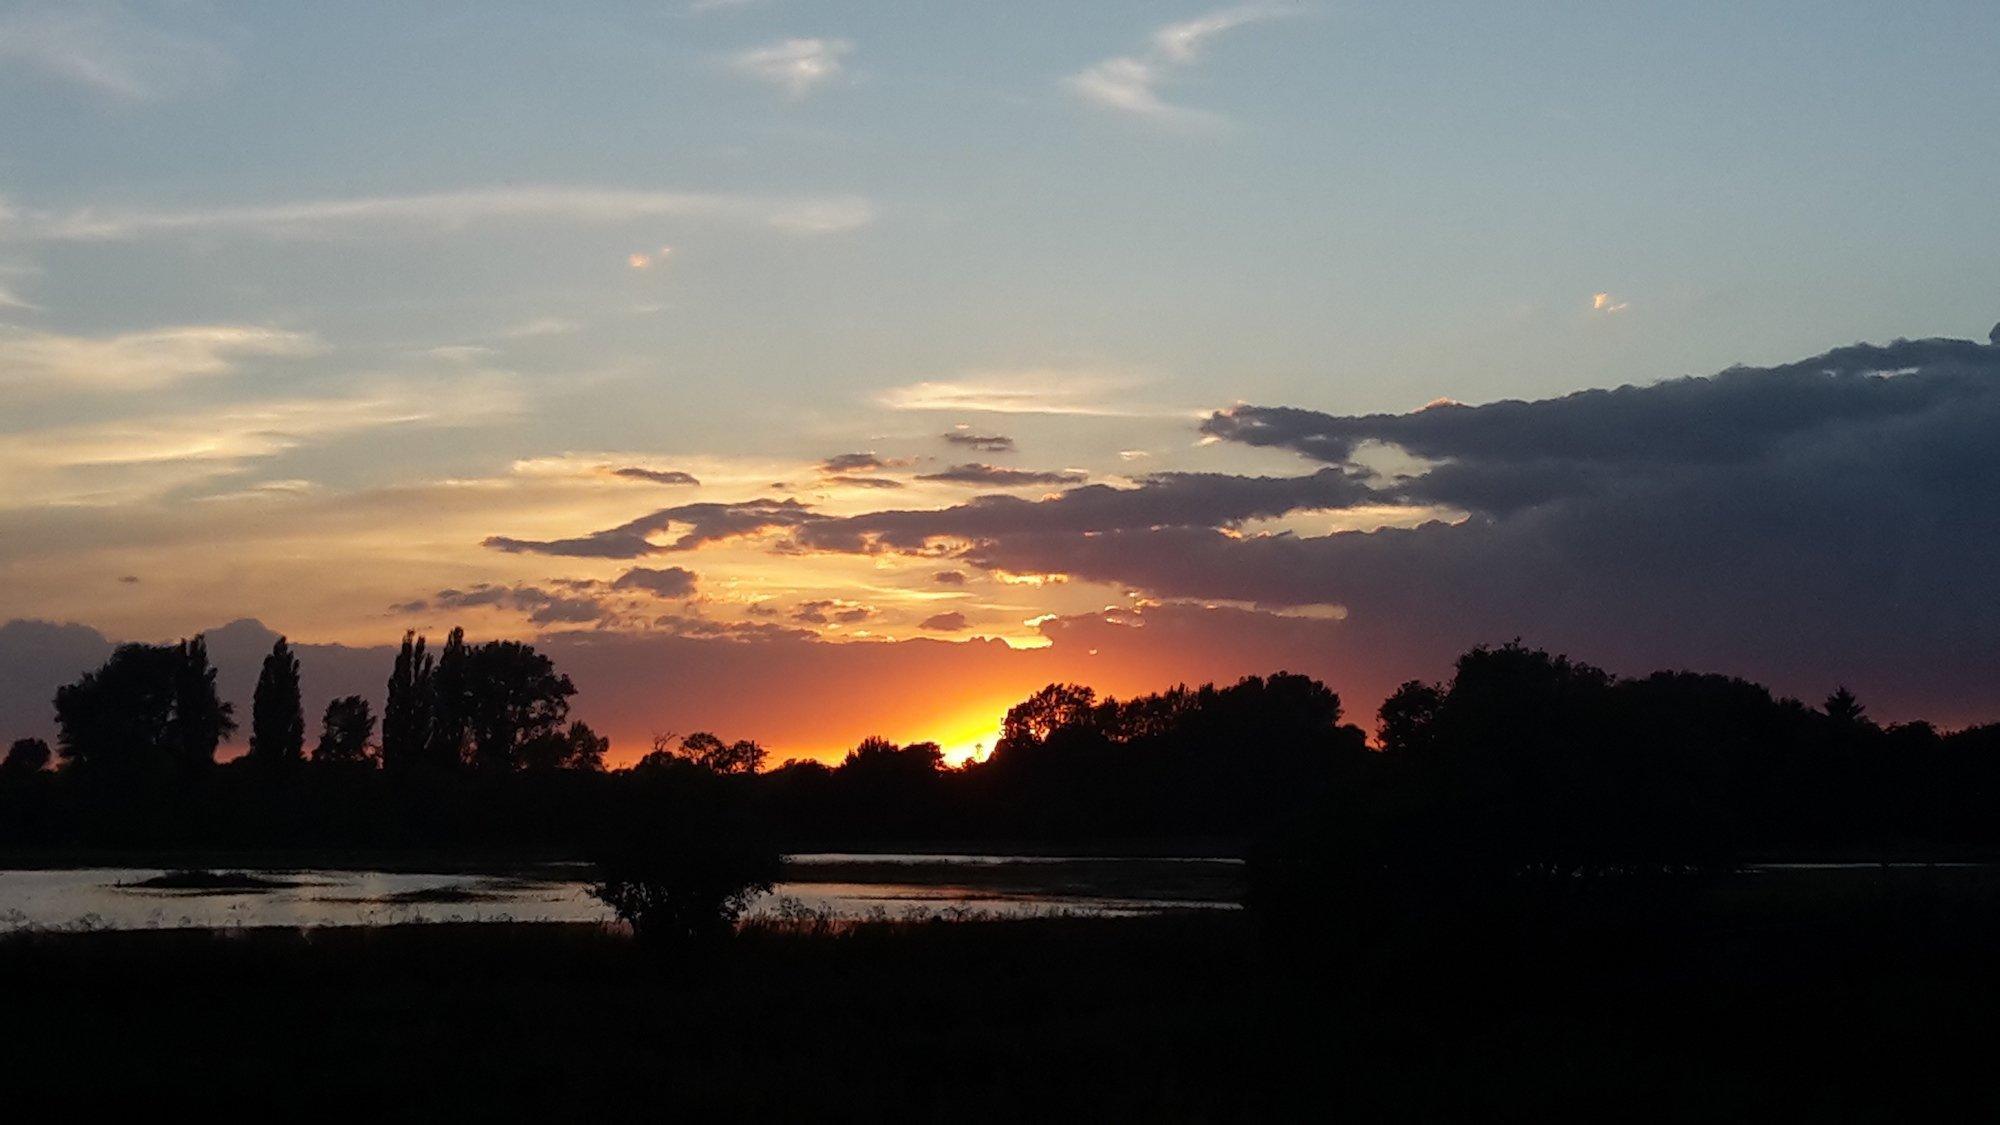 Aufnahme des Sonnenuntergangs vom Leineufer. Die Sonne geht hinter den Baumkronen unter.